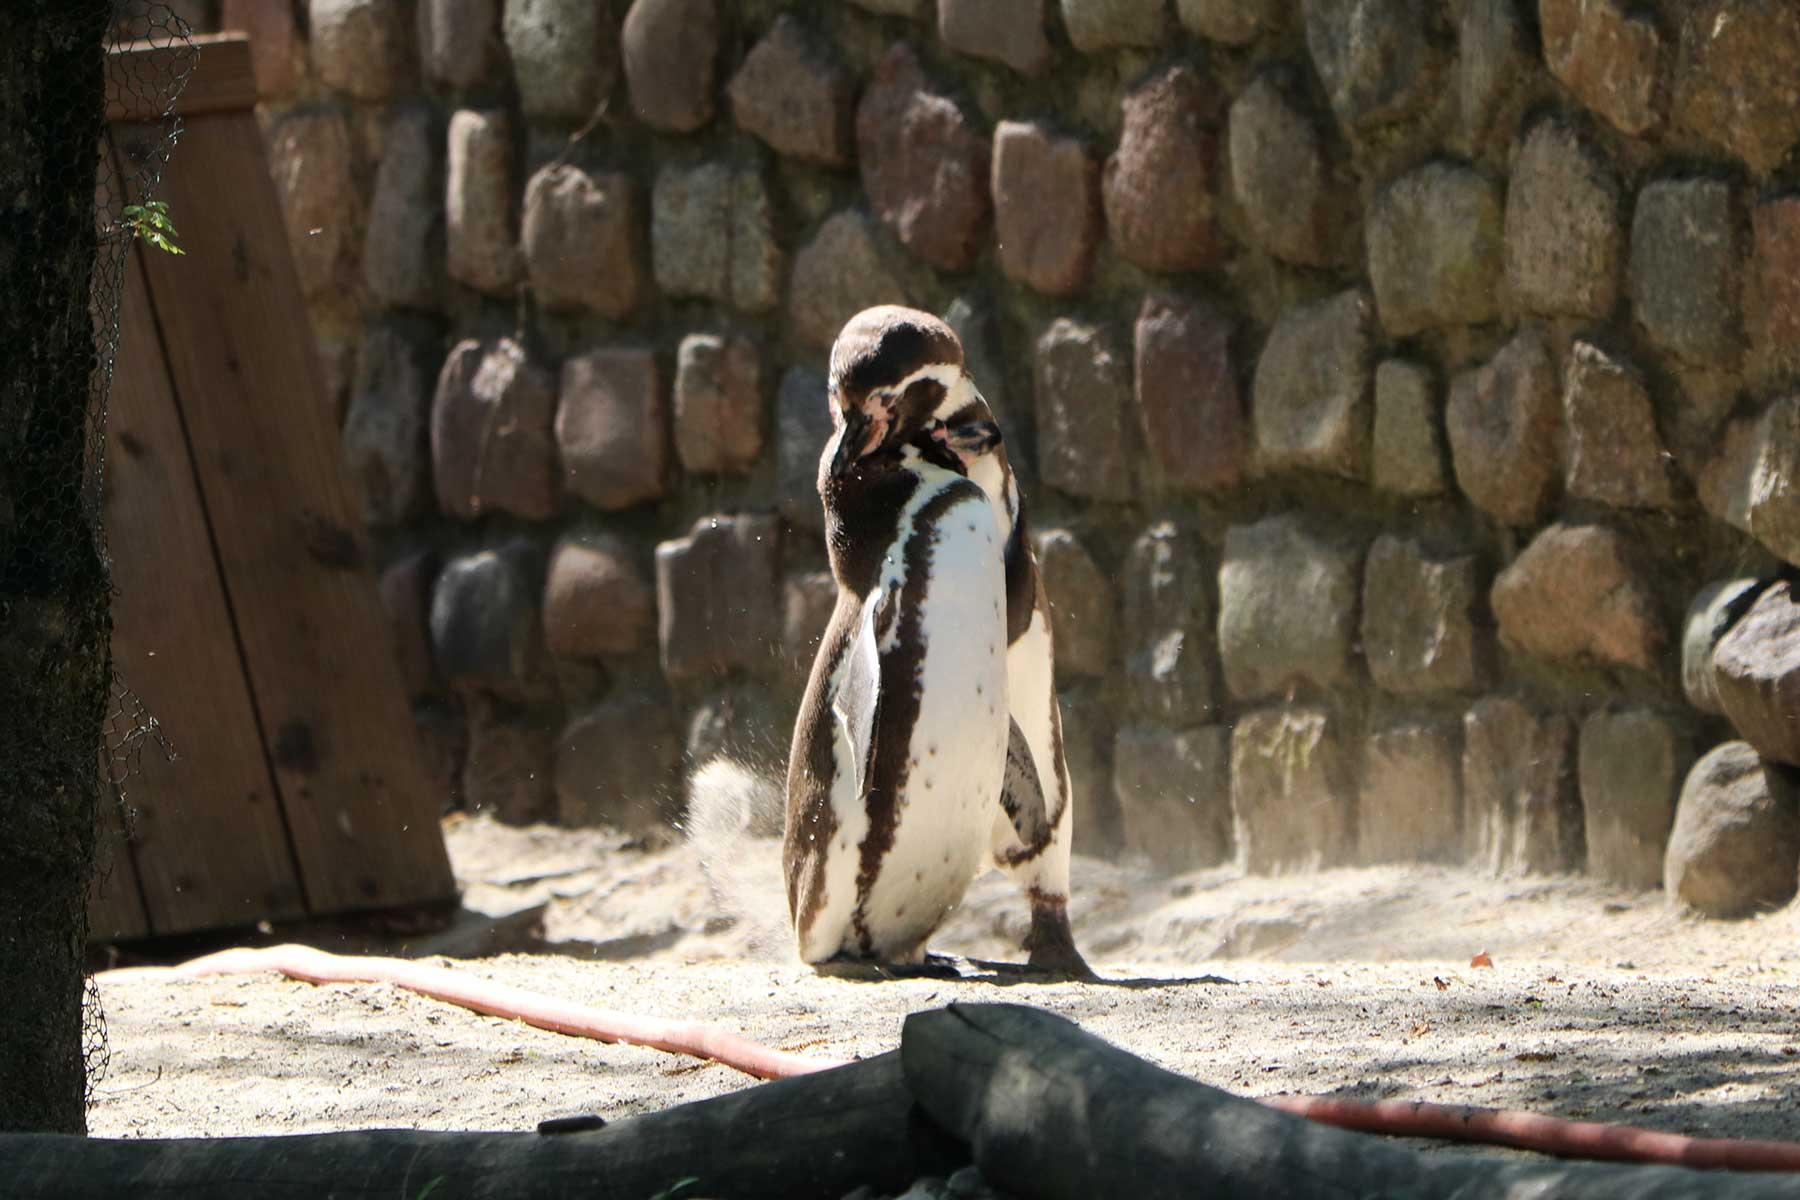 Bilder vom Besuch im Zoologischen Garten Eberswalde Zoologischer-garten-eberswalde-Besuch_12